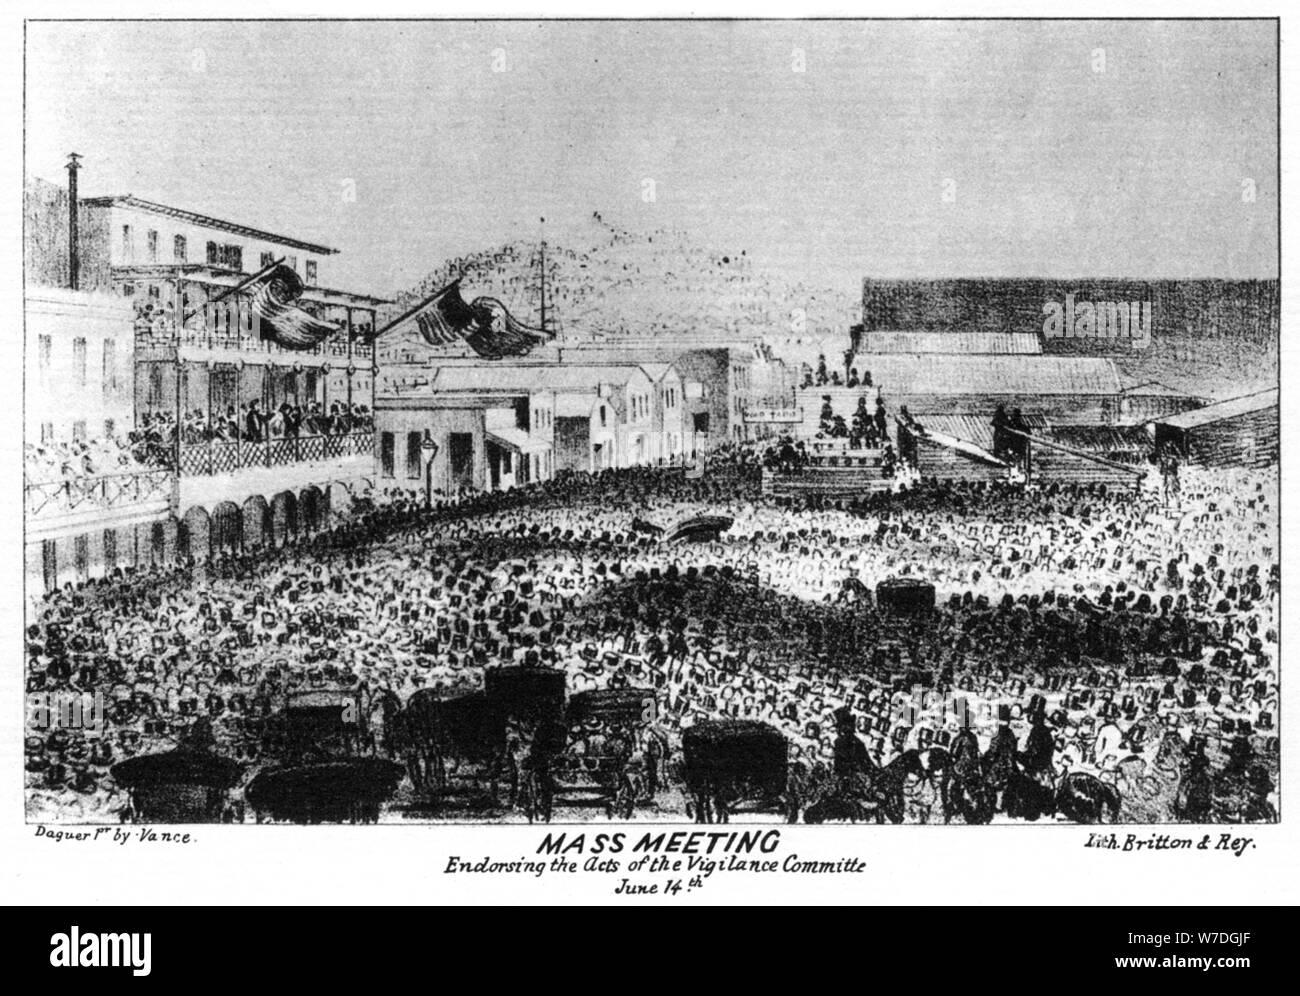 Una reunión masiva fuera de Fort vigilantes, Sacramento, California, 1856 (1937).Artista: Britton & Rey Foto de stock